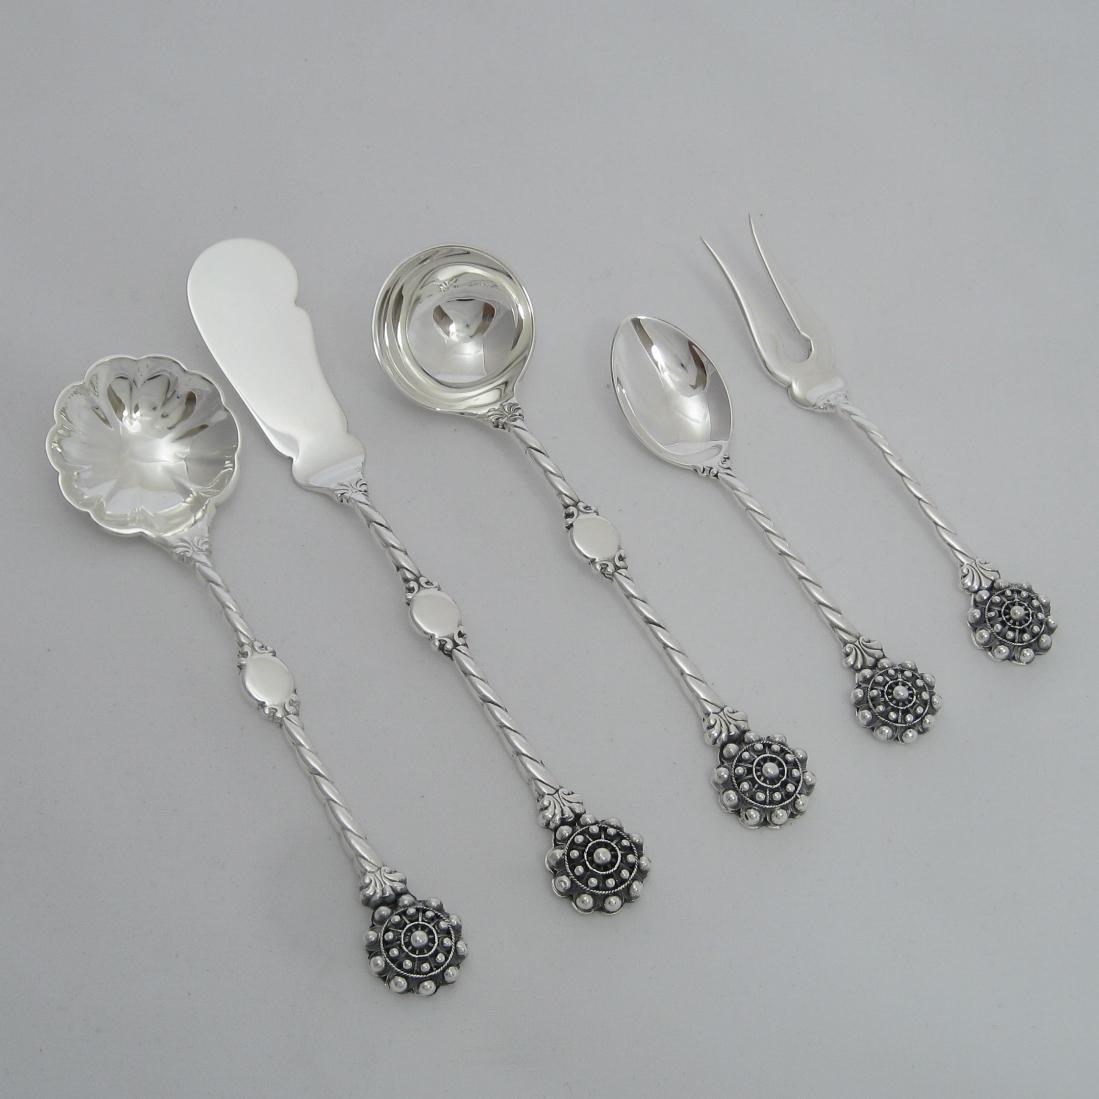 Cubiertos cafe plata modelo boton whiterman plata - Cuberterias de plata precios ...